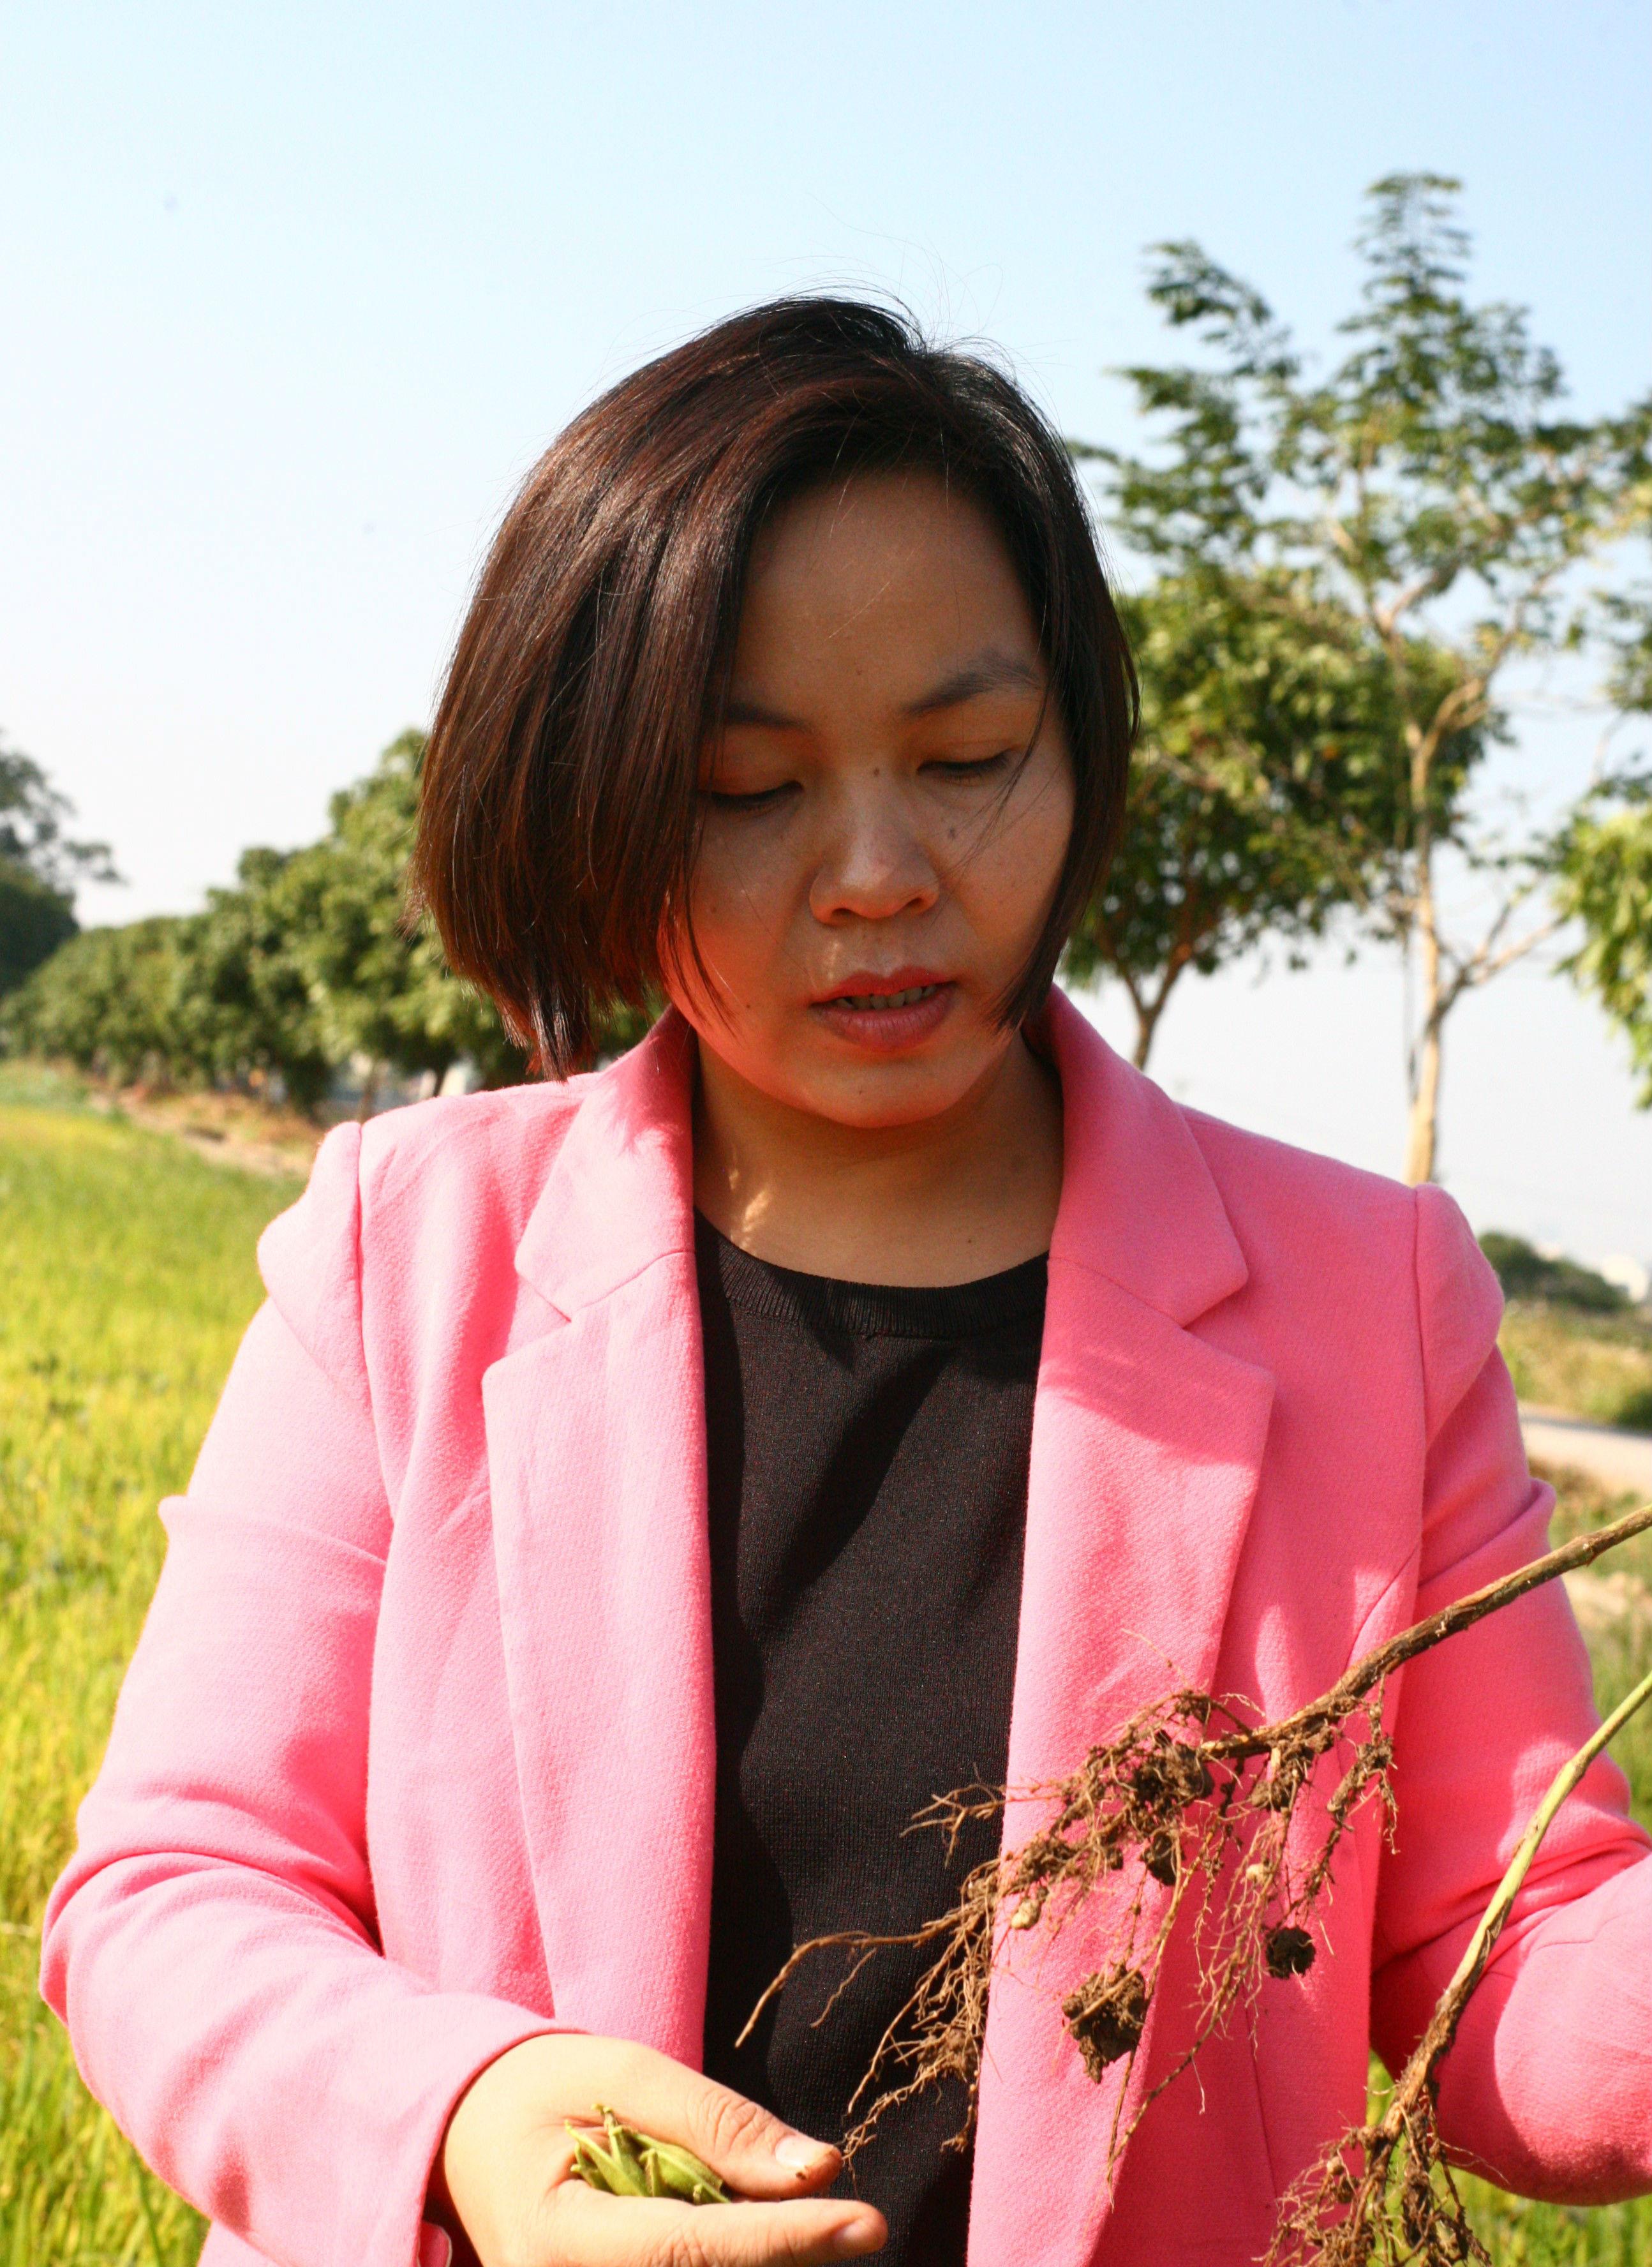 Cánh đồng này được gieo đỗ tương để cải tạo đất trước khi canh tác, mỗi nốt sần trên bộ rễ của đỗ tương đều chứa đạm hữu cơ để 'tặng' lại cho đất mẹ.